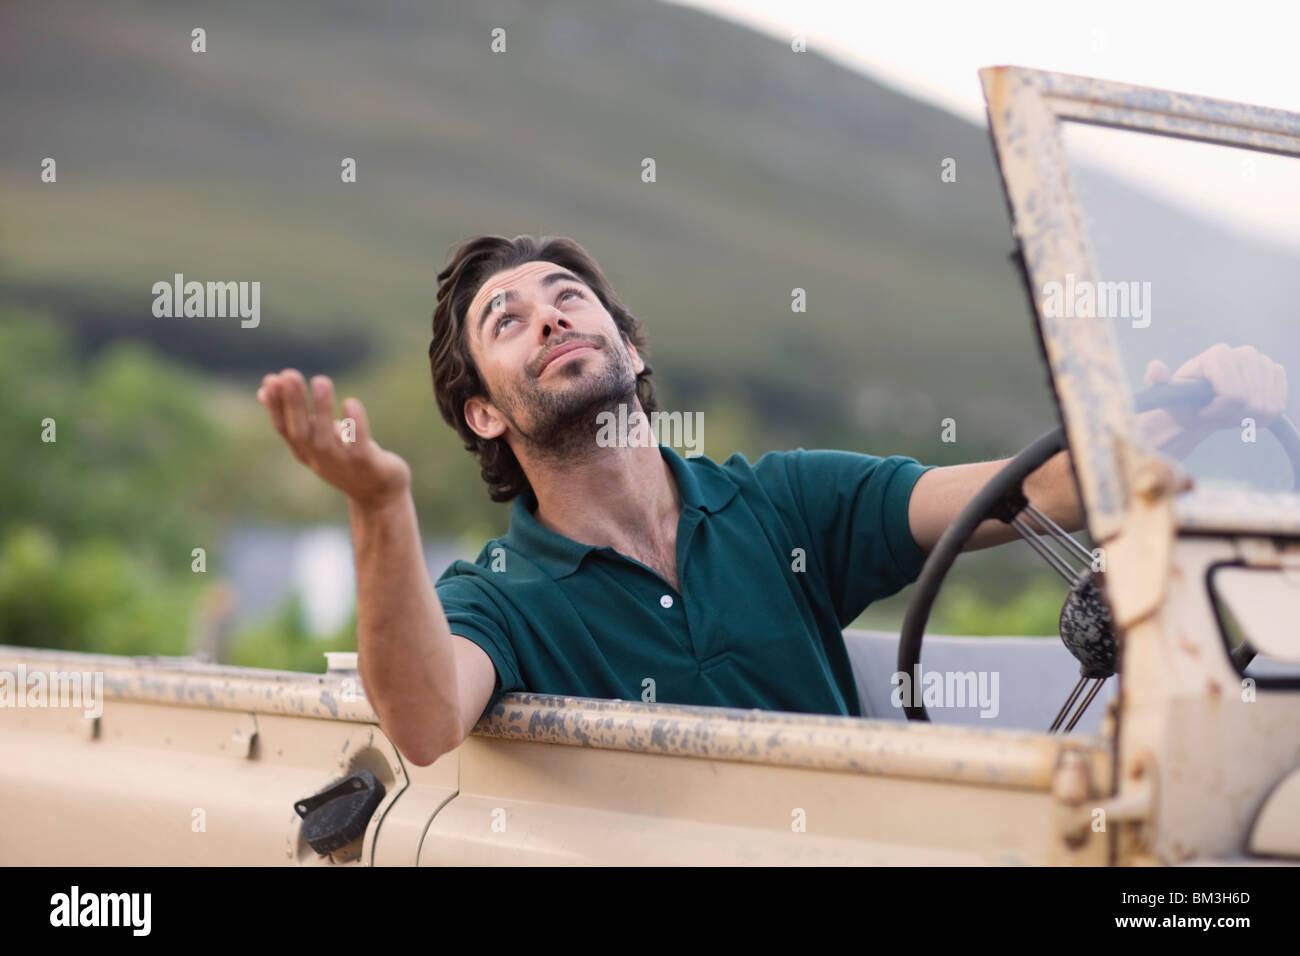 Mann in Geländewagen Stockbild